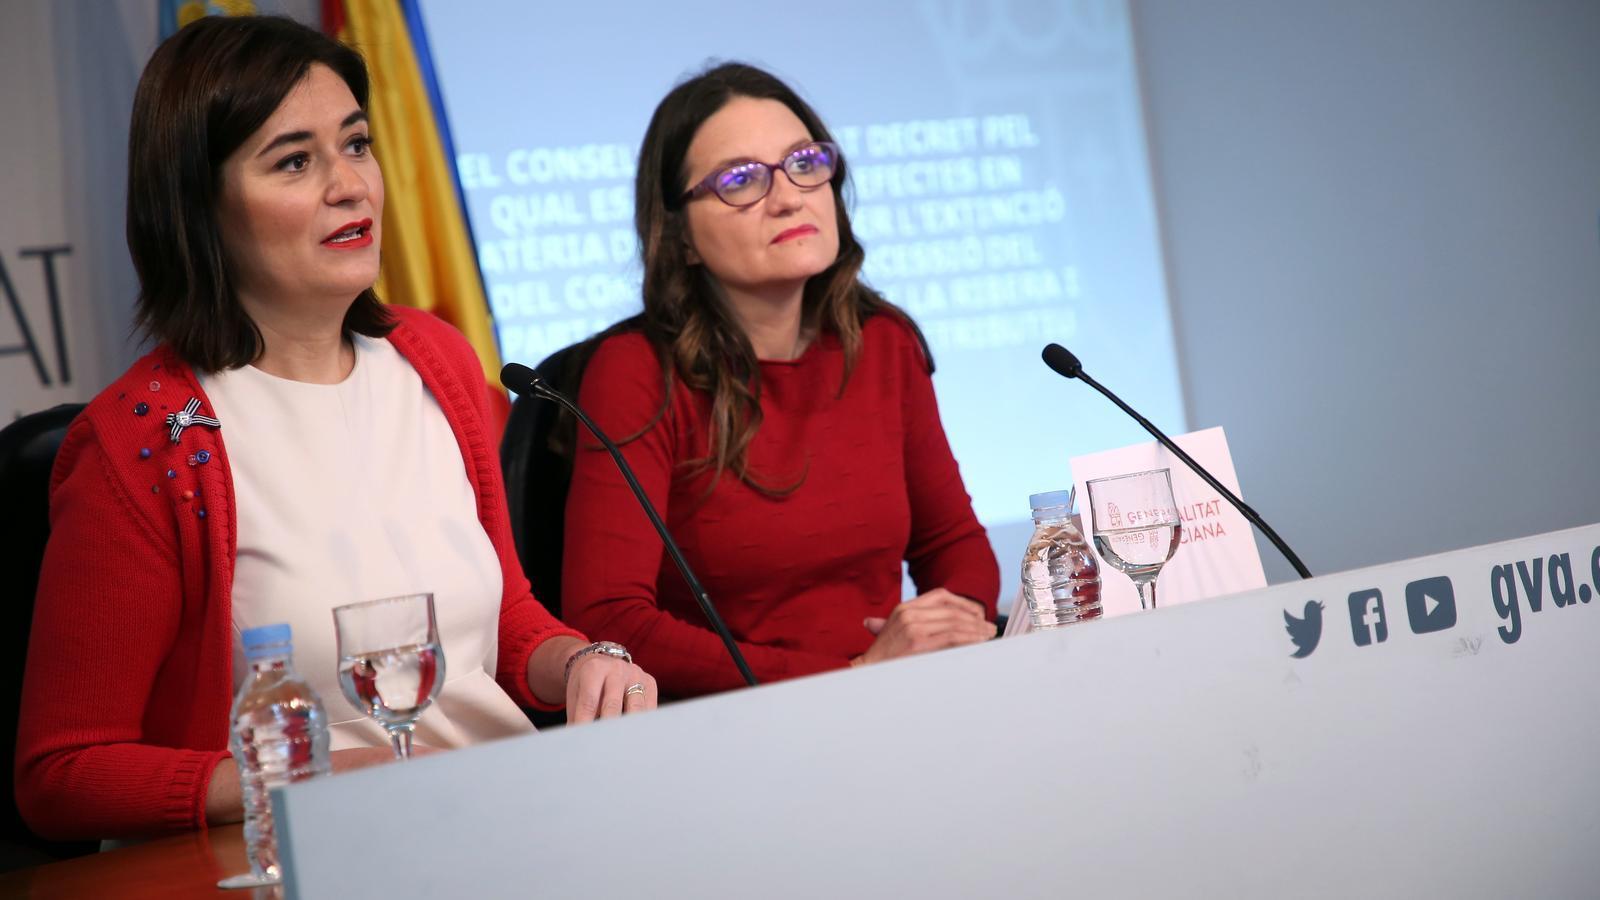 La portaveu del govern valencià, Mónica Oltra, i la consellera de Sanitat Universal, Carmen Montón, durant la conferència de premsa posterior al ple del Consell.